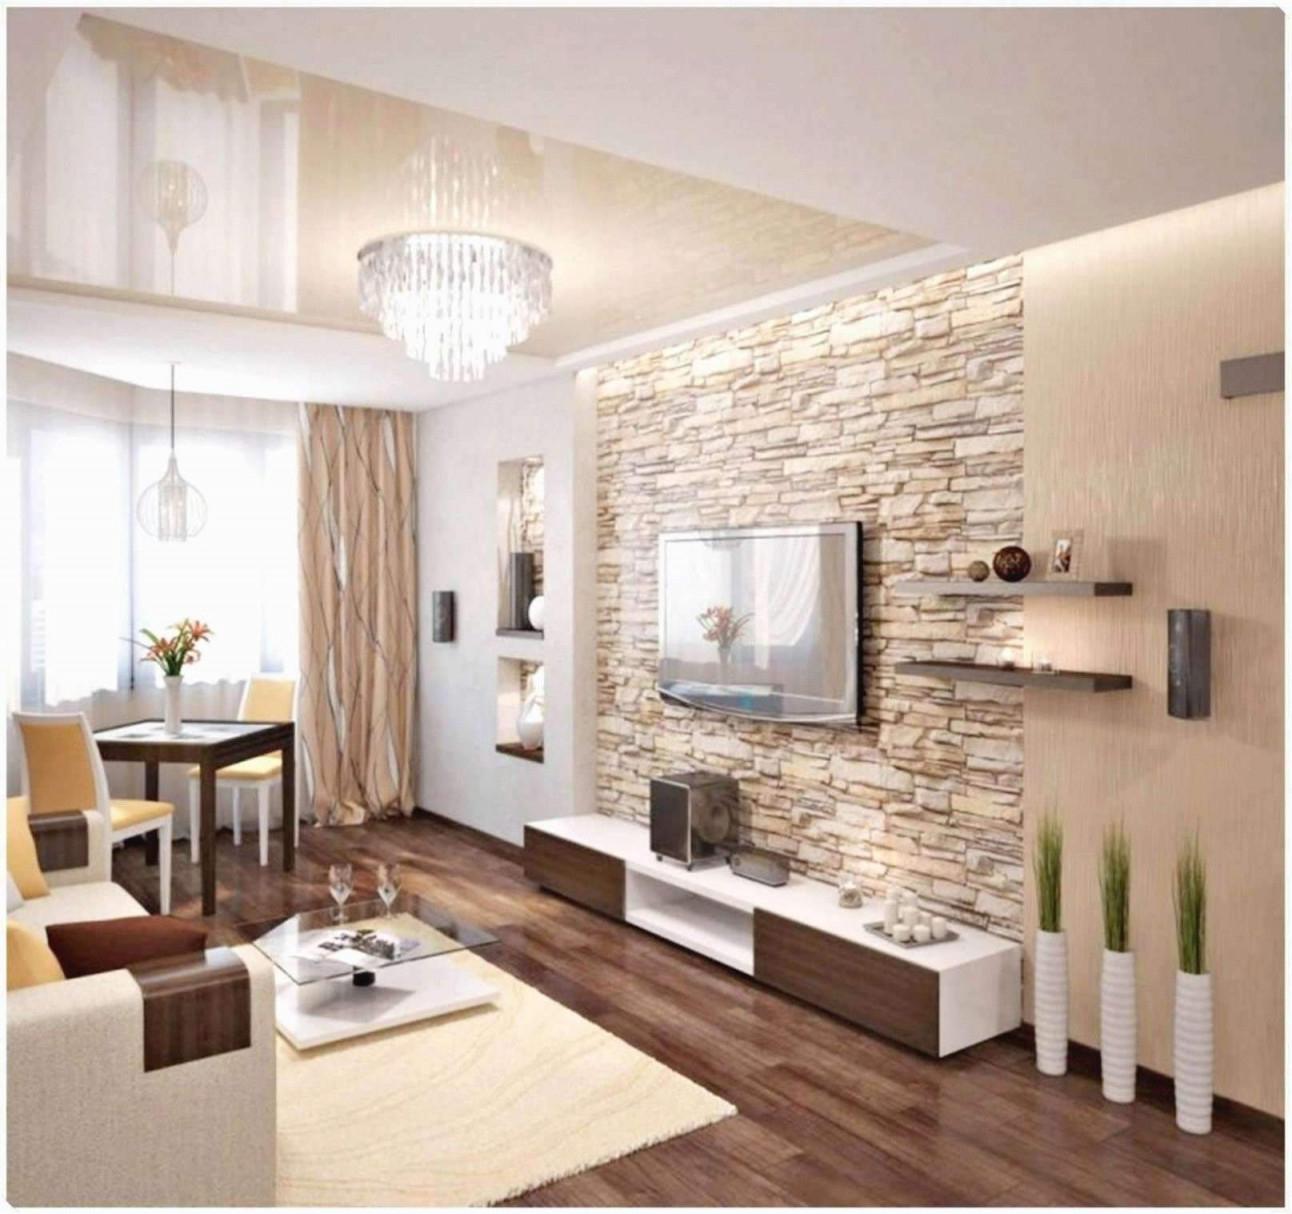 30 Luxus Kleines Wohnzimmer Mit Essbereich Einrichten von Kleines Wohnzimmer Einrichten Mit Esstisch Photo